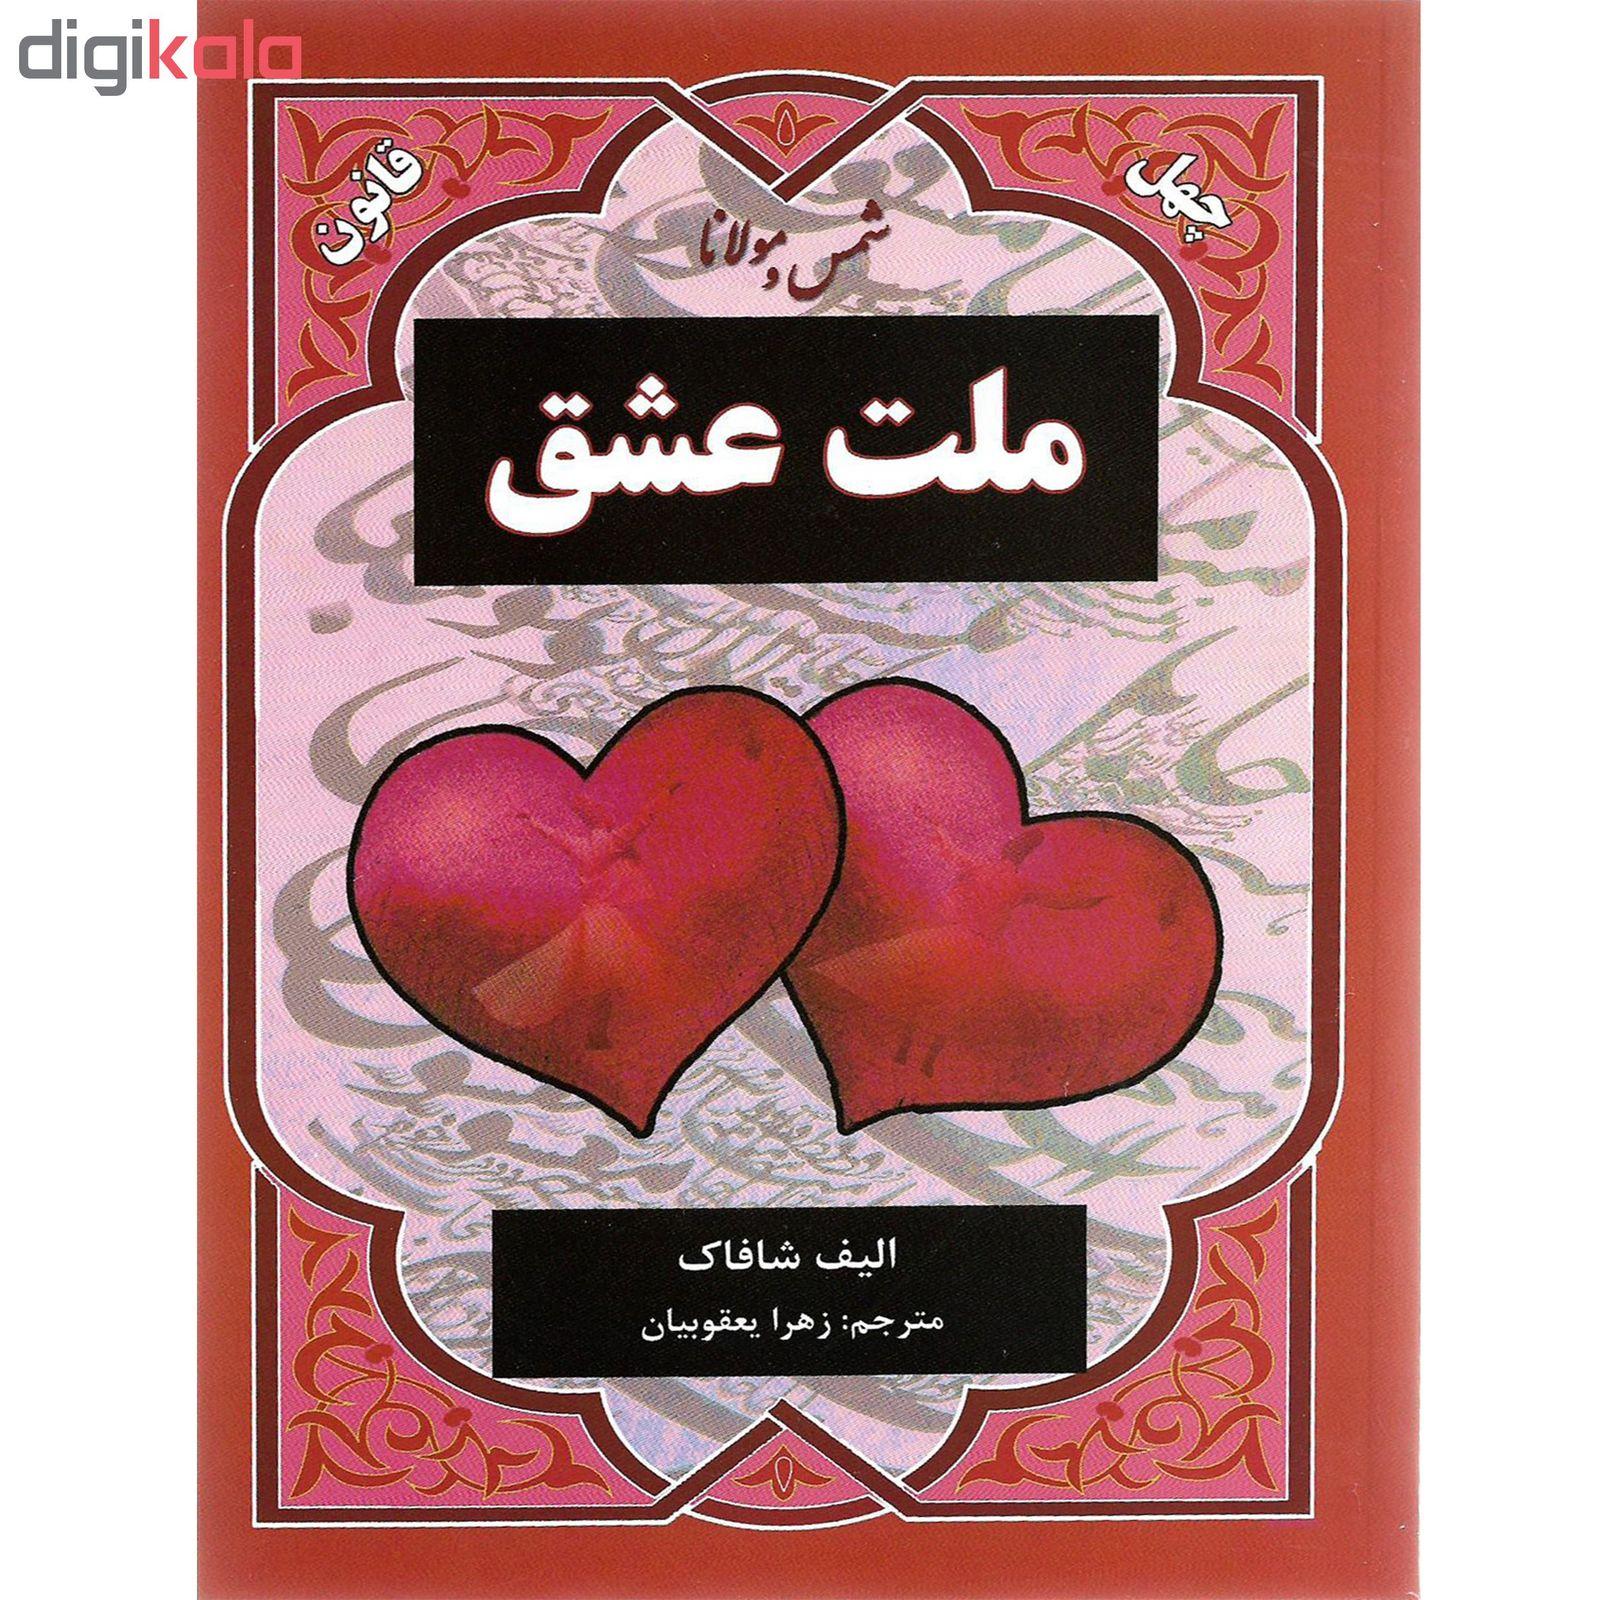 کتاب ملت عشق اثر الیف شافاک نشر نیک فرجام main 1 1